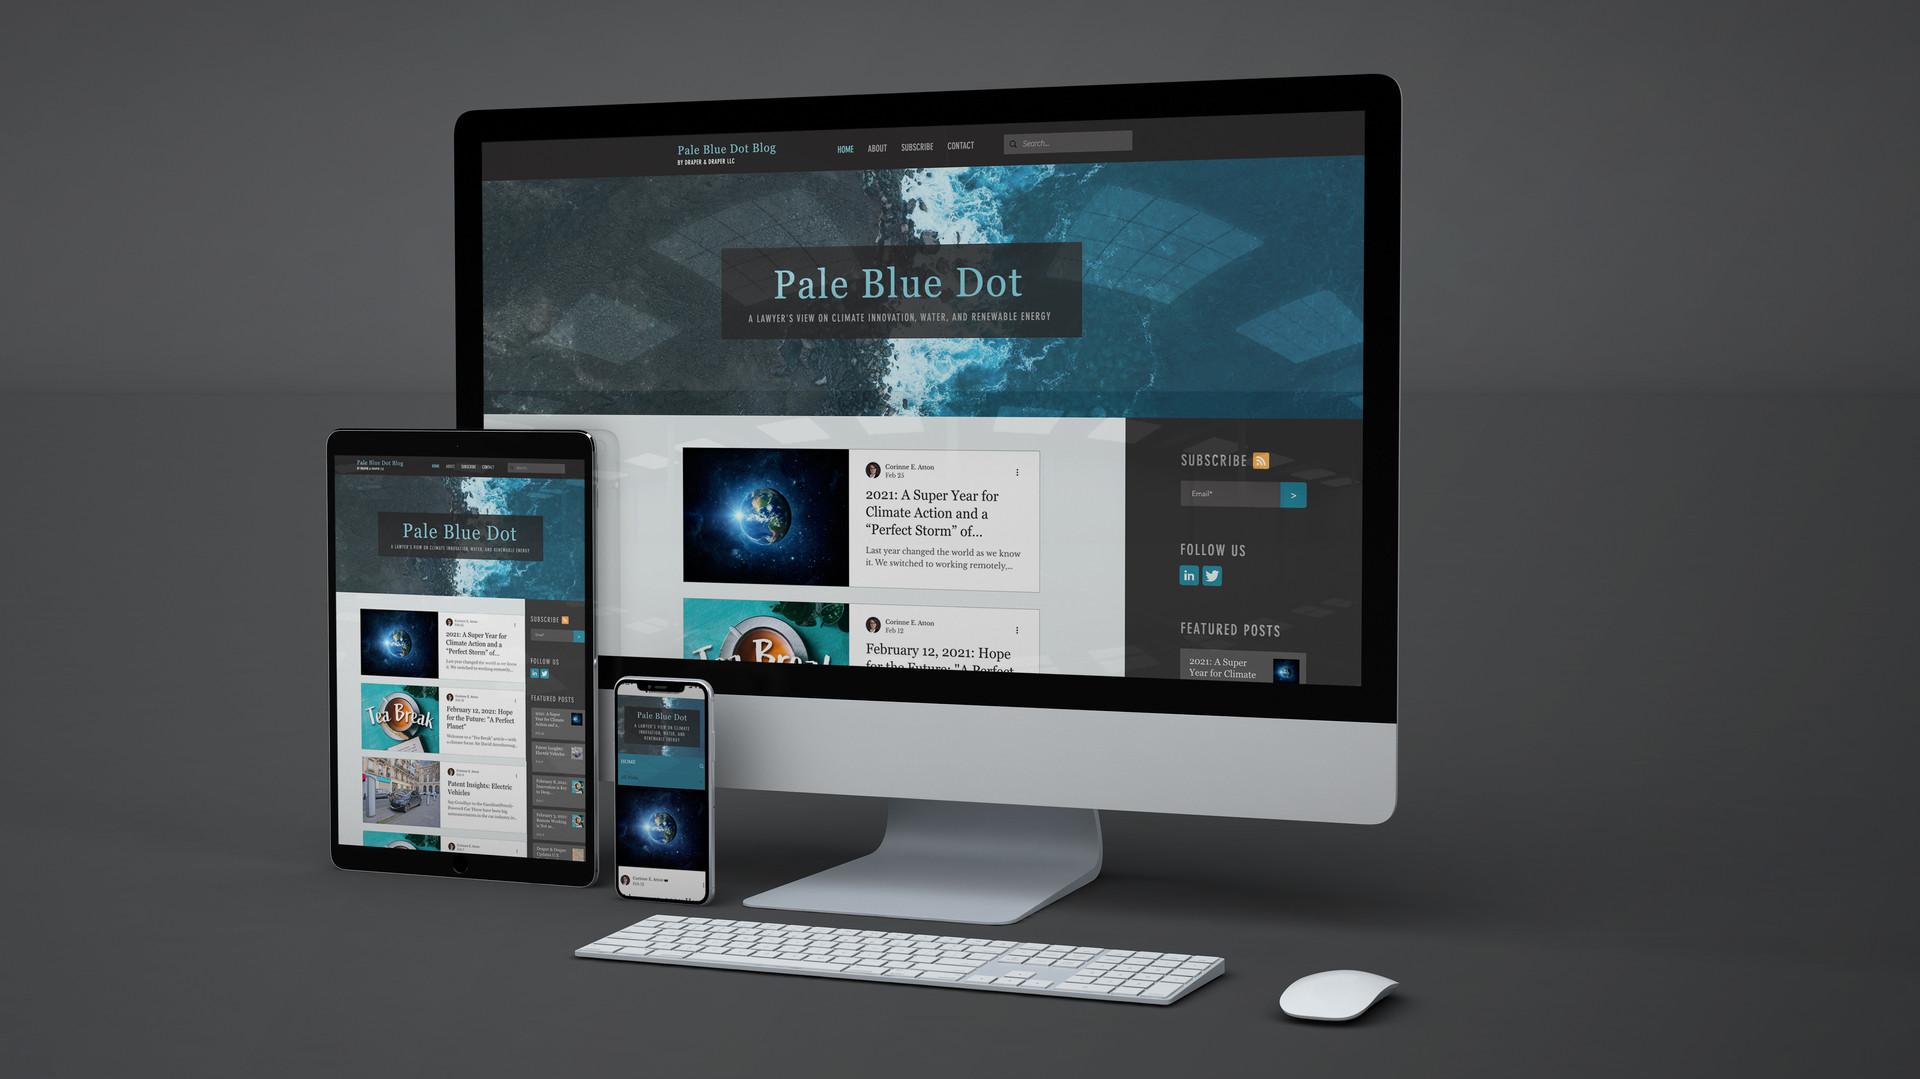 PaleBlueDotSiteMockup2.jpg